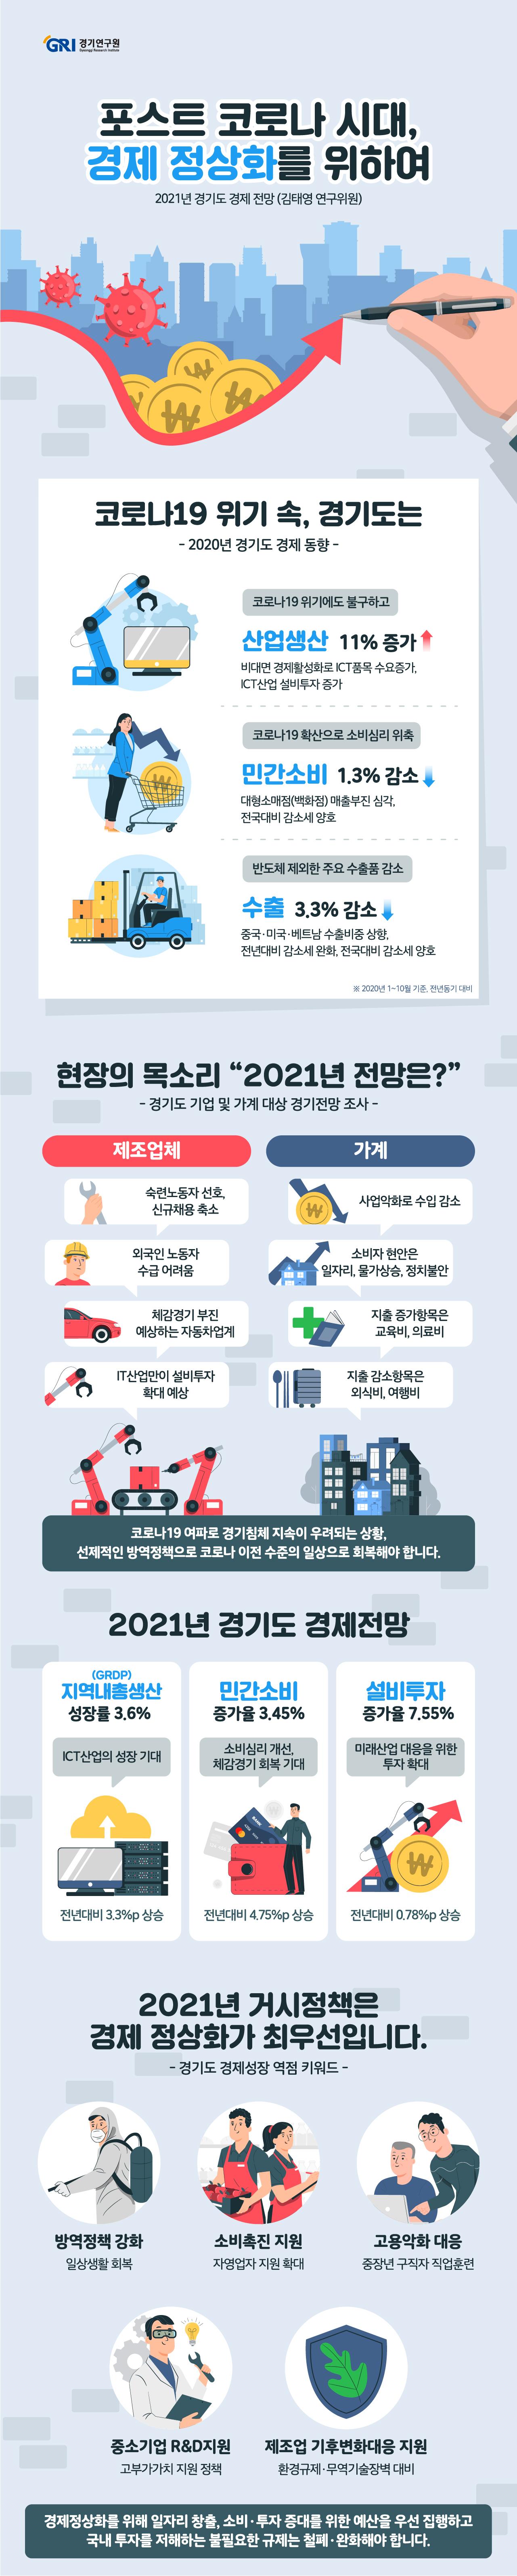 2020년은 예상하지 못한 코로나19의 발생 및 전 세계적 확산으로 인한 세계 경기 침체로 인해 경기도 경제가 위축된 한 해였다. 하지만 전국의 산업생산의 1~10월 중 성장률이 정체 상태를 보였음에도 불구하고 경기도 산업생산은 국내·외 비대면 경제 활성화로 인한 ICT품목 수요 증가로 증가하여 2020년 1~10월 동안 전년동기대비 11% 증가하였다. 하지만 ICT, 식료품, 의약품 및 기타기계 및 장비 산업을 제외한 대부분 주요 산업들의 산업 생산은 큰 폭으로 감소하였다. 특히, 전후방연계효과가 큰 자동차 산업은 2020년 생산이 11.5% 감소하면서 수년째 부진을 겪고 있어 안심할 수 없는 상황이다. 산업생산은 두 자릿수의 증가율을 기록했지만, 반도체를 제외한 주요 수출품목들이 큰 폭의 감소세를 기록함에 따라 경기도 수출은 2020년에 이어 2년 연속 감소했다. 취업자는 코로나19 확산의 여파로 인해 도소매·숙박음식업을 중심으로 감소하였으나, 실업률은 3.8%로 작년 수준을 유지하였다. 소비와 수출이 감소하였으나 ICT 산업을 중심으로 기업의 설비투자는 비교적 활발하였던 것으로 보인다. 코로나19 유행으로 인해 낸드플래시에 대한 수요가 크게 증가했으며, 향후 파운드리 반도체 시장을 겨냥한 투자가 증가했기 때문으로 보인다. 2021년에는 2020년 성장 정체에 따른 기저효과로 높은 성장률을 기록할 것으로 예상된다. 하지만 최근의 기업규제 강화 및 빠르게 재확산되고 있는 코로나19가 조기에 종식되지 못한다면 예상보다 낮은 성장을 기록할 수도 있을 것으로 판단된다. 경기도 경제의 거시지표를 전망해 보면 2021년 중 소비, 수출 및 건설경기 회복과 ICT 산업 중심의 설비투자를 통해 경기도가 전국의 성장을 어느 정도 견인할 것으로 보인다. 고용은 개선되겠으나 구직 활동과 인구 유입 증가로 실업률과 고용률은 크게 개선되기 어려울 것으로 예상된다. 2021년 경기도 GRDP 성장률 전망치는 3.6%로 2020년의 0.3%보다 성장세가 소폭 회복될 것으로 전망된다. 민간소비는 체감경기의 회복으로 2020년 대비 3.45% 가량 증가할 것으로 예상된다. 설비투자는 ICT 산업을 중심으로 견조한 증가세를 이어갈 것으로 전망되며, 올해까지 부진했던 건설투자는 최근의 건설투자 선행지표 증가와 정부의 SOC 투자 증대를 감안하면 2021년에는 회복될 것으로 보인다. 경기도 제조업 기업체 설문조사 결과 2021년에도 경기전망에 대한 응답 중 비관적인 응답의 비율이 더 많은 것으로 나타났다. 기업 규모별로는 중소기업체가 더 부정적으로 응답했다. 2021년 설비투자는 대기업 위주로 투자를 늘어날 것으로 조사되었다. 중소기업은 설비투자를 줄일 것으로 응답한 비율이 다소 높게 나타났다. 코로나19 확산으로 인한 경기침체 및 경기회복에 대한 불확실성 확대로 인해 2021년에도 신규채용 축소 추세가 지속될 것으로 조사되었다. 2020년 경기도 제조업체들의 기업경영상 가장 큰 애로사항은 불확실한 경제상황이 선정되었으며, 코로나19 확산에 따른 결과로 판단된다. 부동산 및 건설업체들은 올해 업황이 악화된 것으로 응답한 비율이 높게 나타났으며, 2021년 경기에 대해서도 비관적 전망이 우세한 것으로 나타났다. 이로 인해 신규 채용규모를 축소할 것이라고 응답한 비율이 높게 나타났다. 향후 부동산 거래량에 대해서는 2020년 7.10 부동산 규제의 여파로 주택매매거래량은 증가하는 반면, 전세거래량은 감소할 것이라는 전망이 많았다. 2021년 주택가격 전망에 대해서는 상승할 것이라는 의견이 대다수인 것으로 나타나 정부의 부동산 규제가 부동산 시장의 과열을 막지 못할 것이라는 전망이 많은 것으로 판단된다. 경기도 가계 설문조사에 따르면 2020년 경제전망 설문조사 당시에 비해 생활형편이 악화된 가계가 더 많아진 것으로 나타났다. 2021년 생활형편, 국내경기, 가계수입 전망에 대해서도 악화될 것이라고 응답한 가구가 더 많았다. 2021년 주요 현안으로는 일자리와 물가상승이 선정되었다. 지난 4월 및 5월 지급된 경기도 재난기본소득 및 정부 재난지원금이 